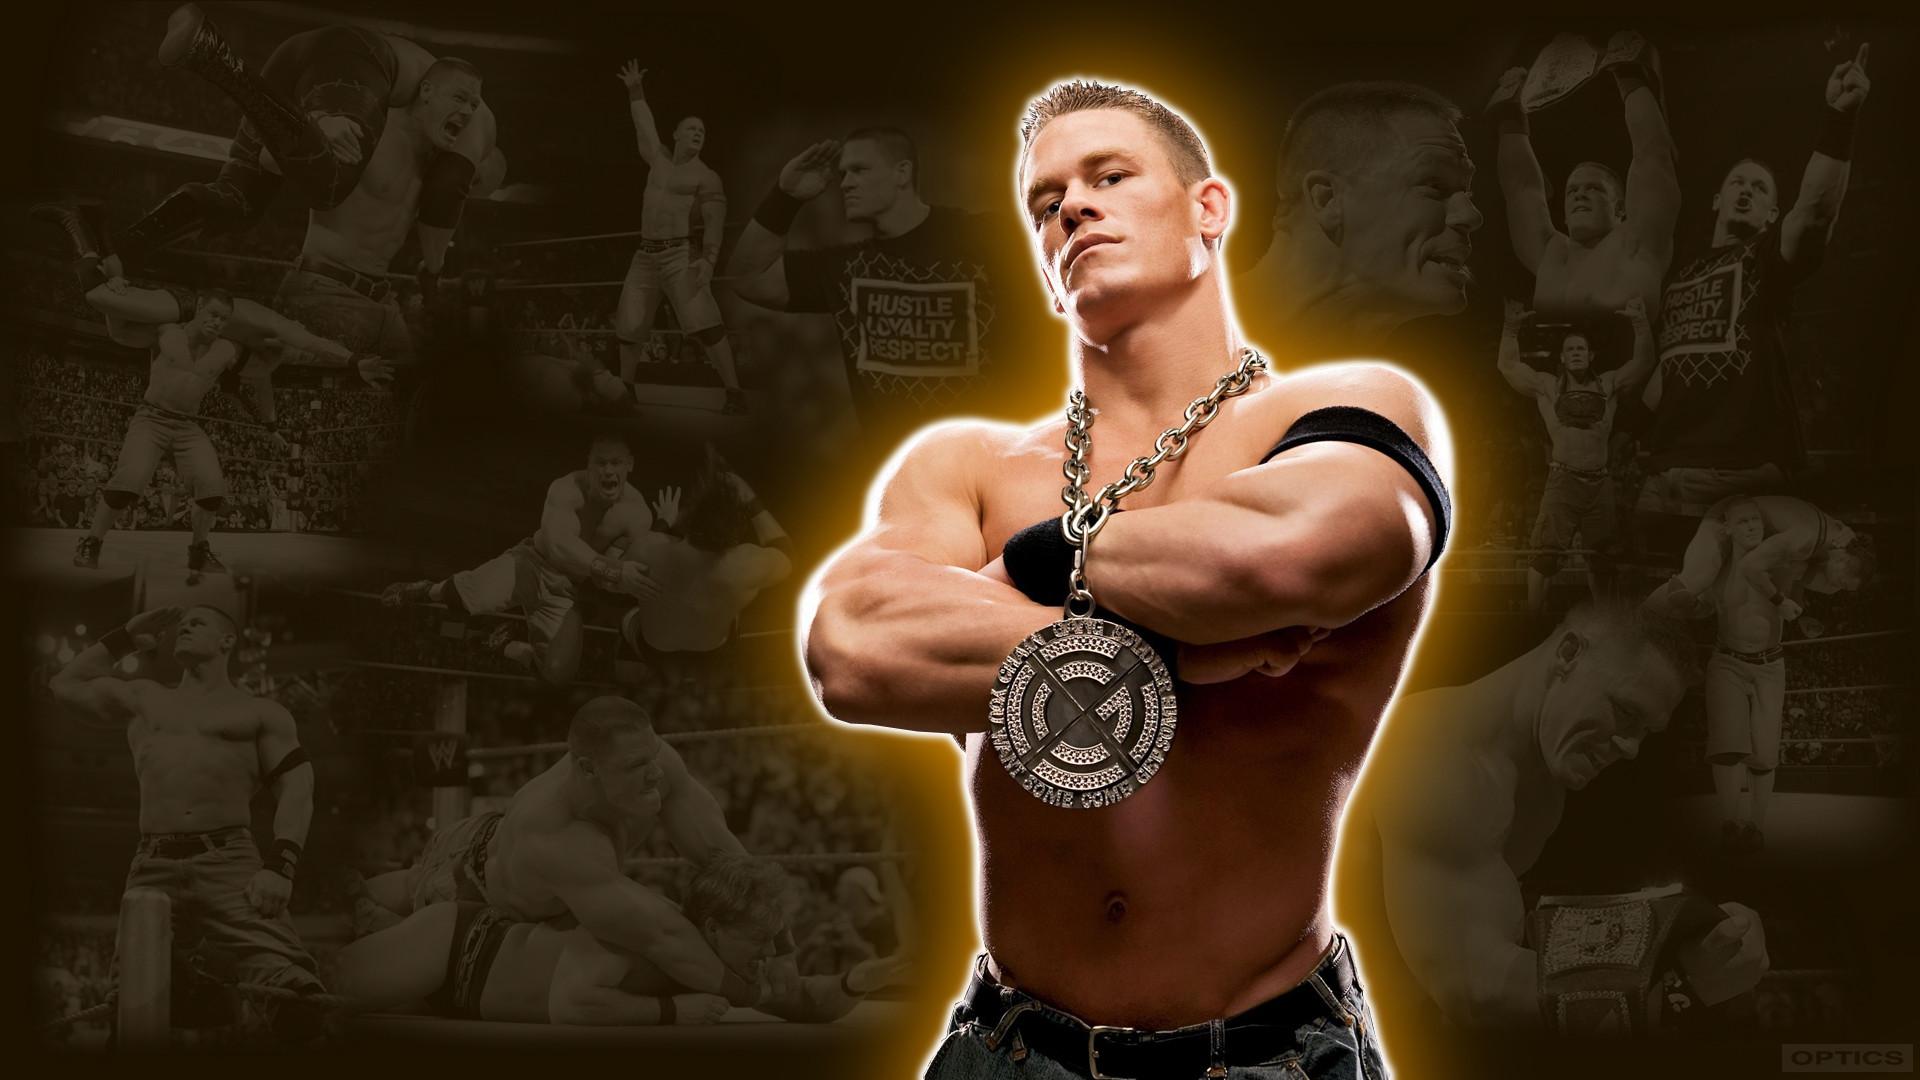 WWE John cena wallpaper for desktop for wrestling lovers and this john .